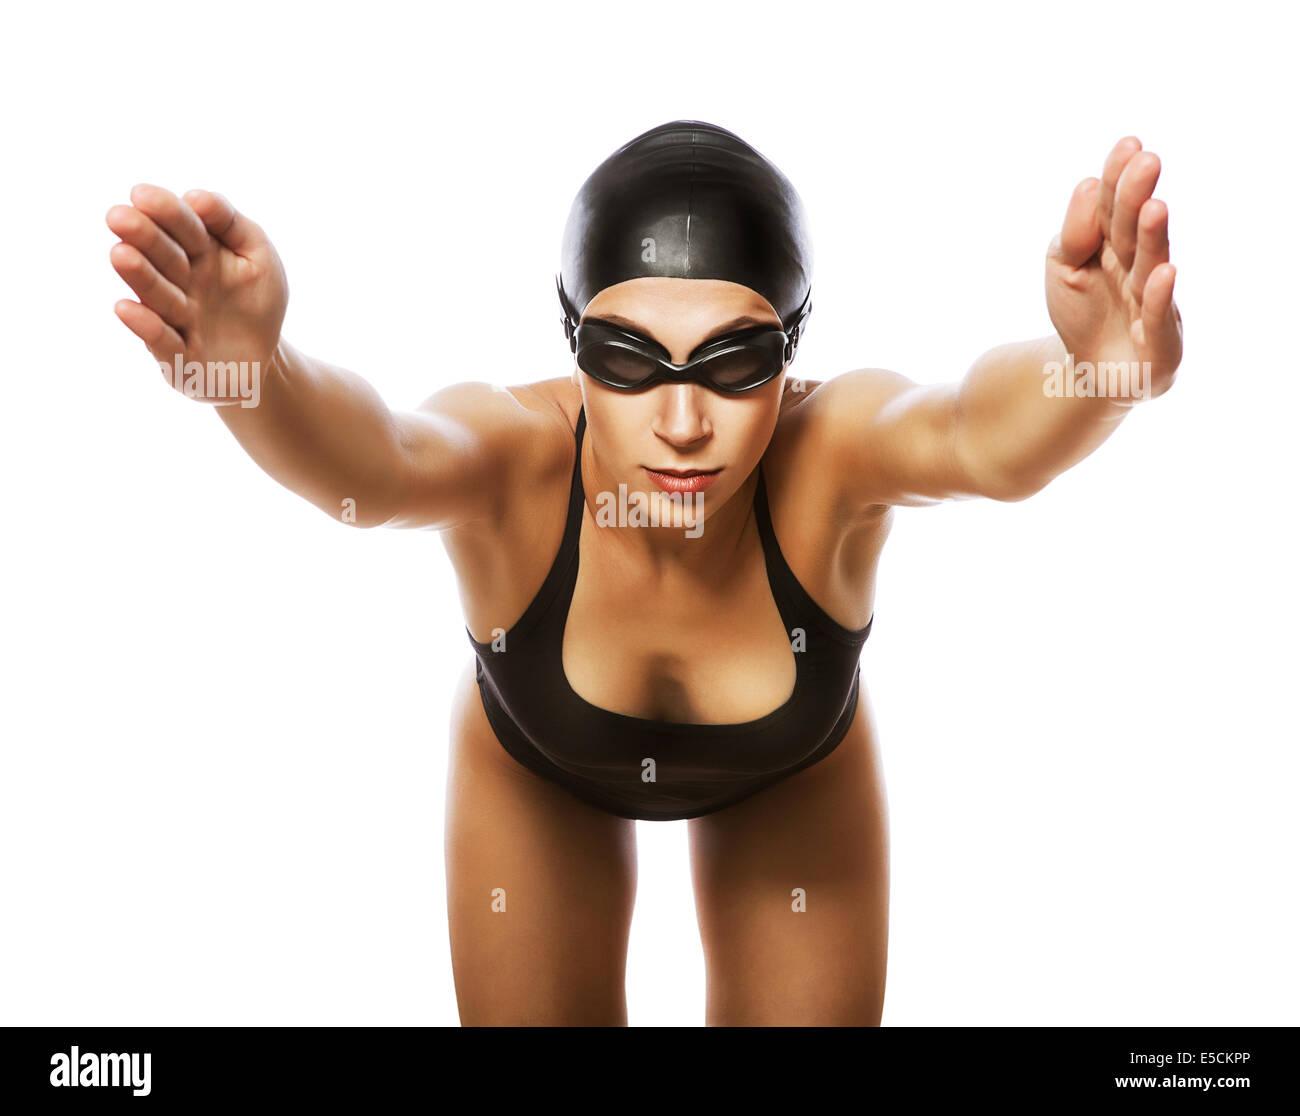 ed18d2e1b81 jumping swimmer in black swimsuit on white background - Stock Image